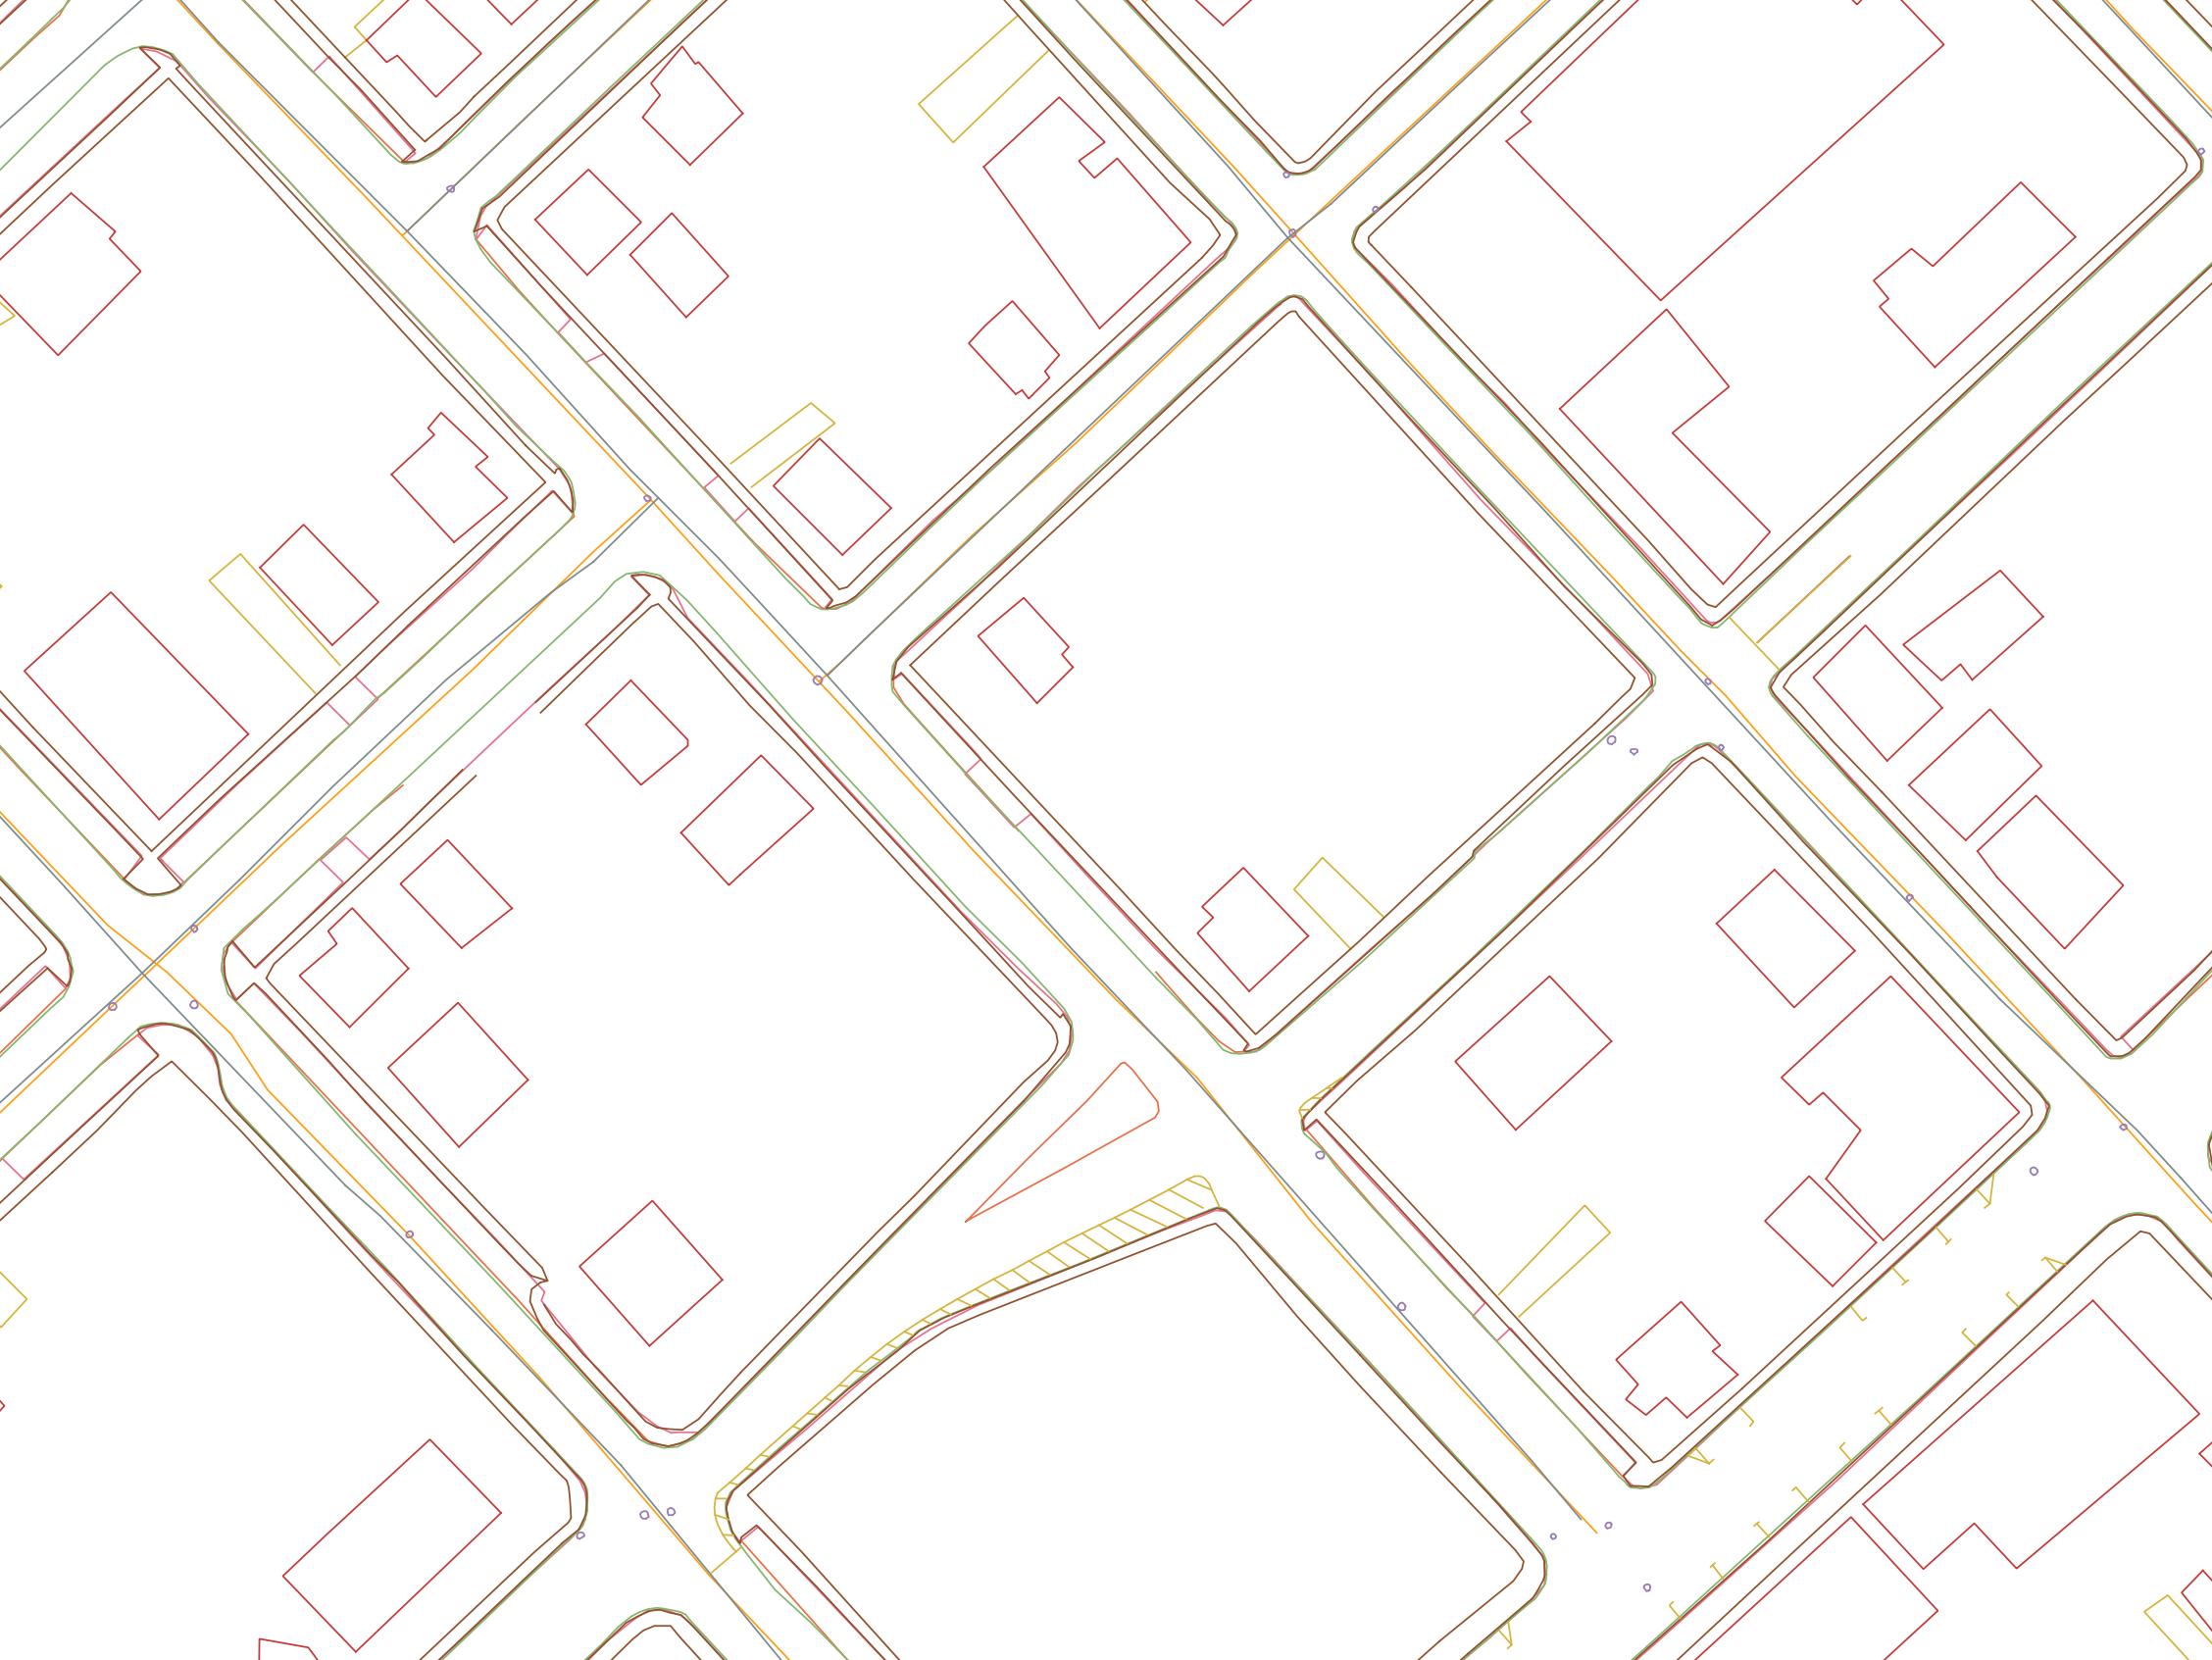 Données cartographiques en 2D